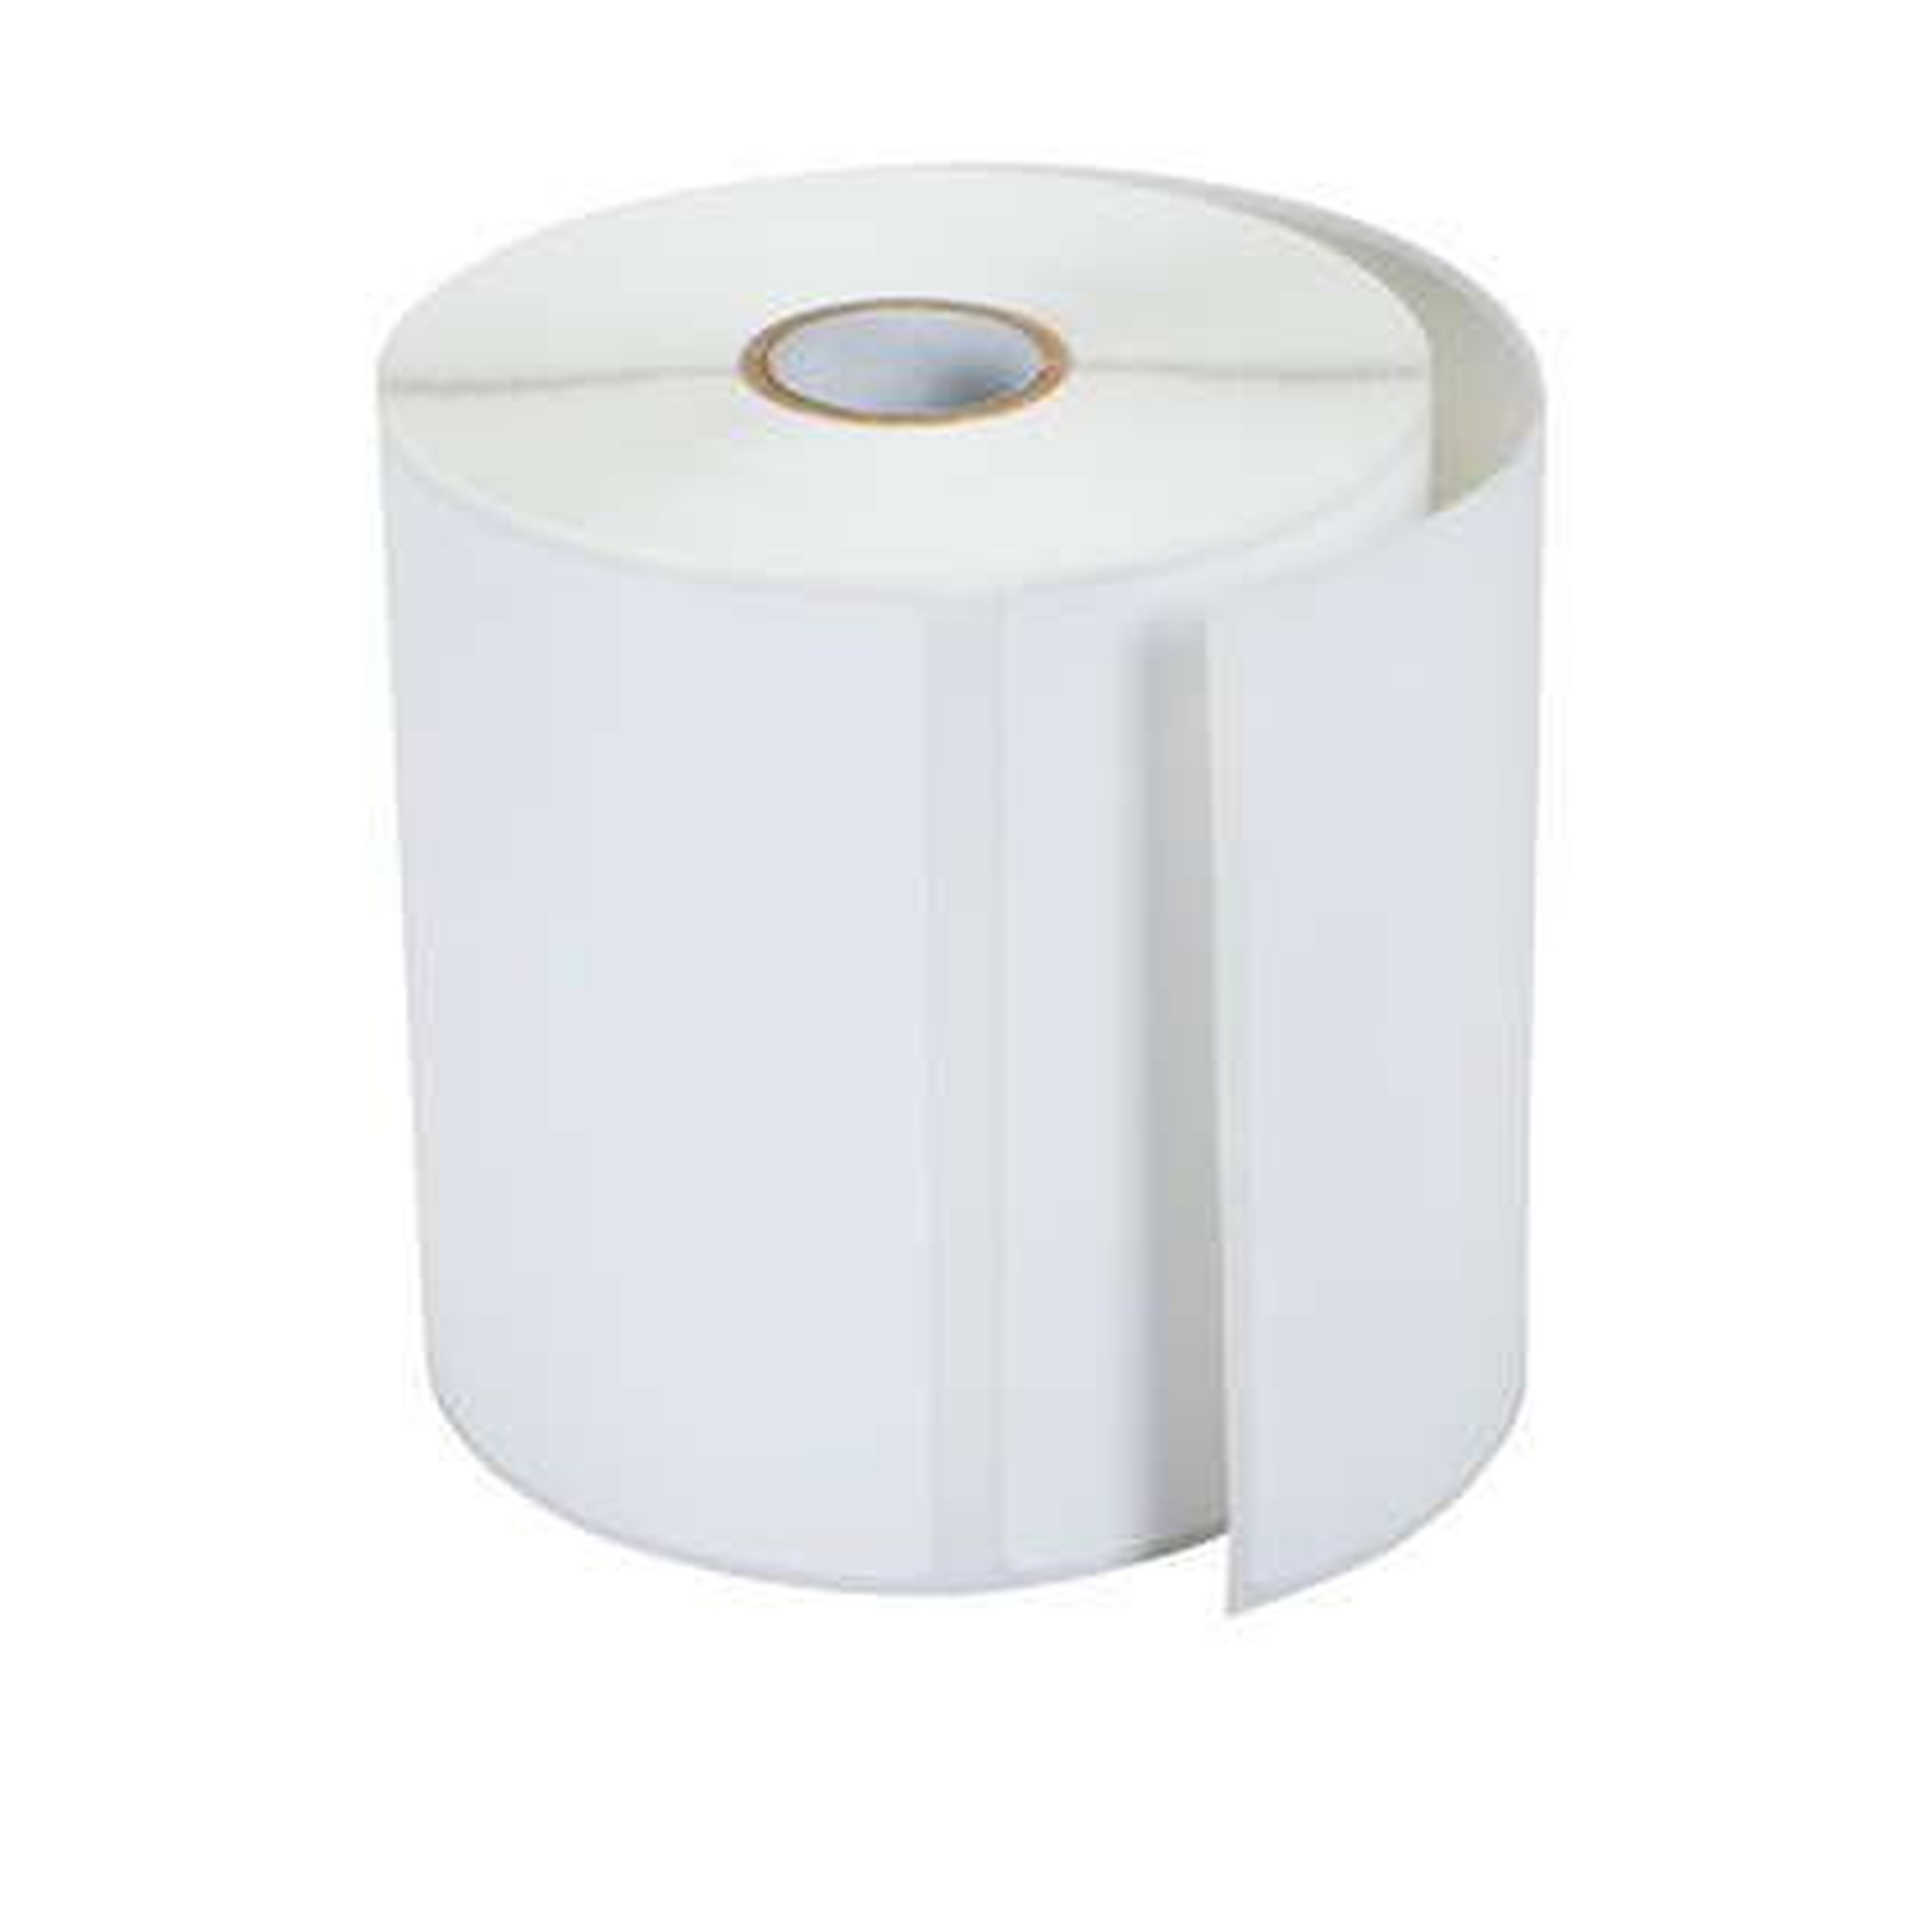 RD-SO2U1-4x6 - label roll